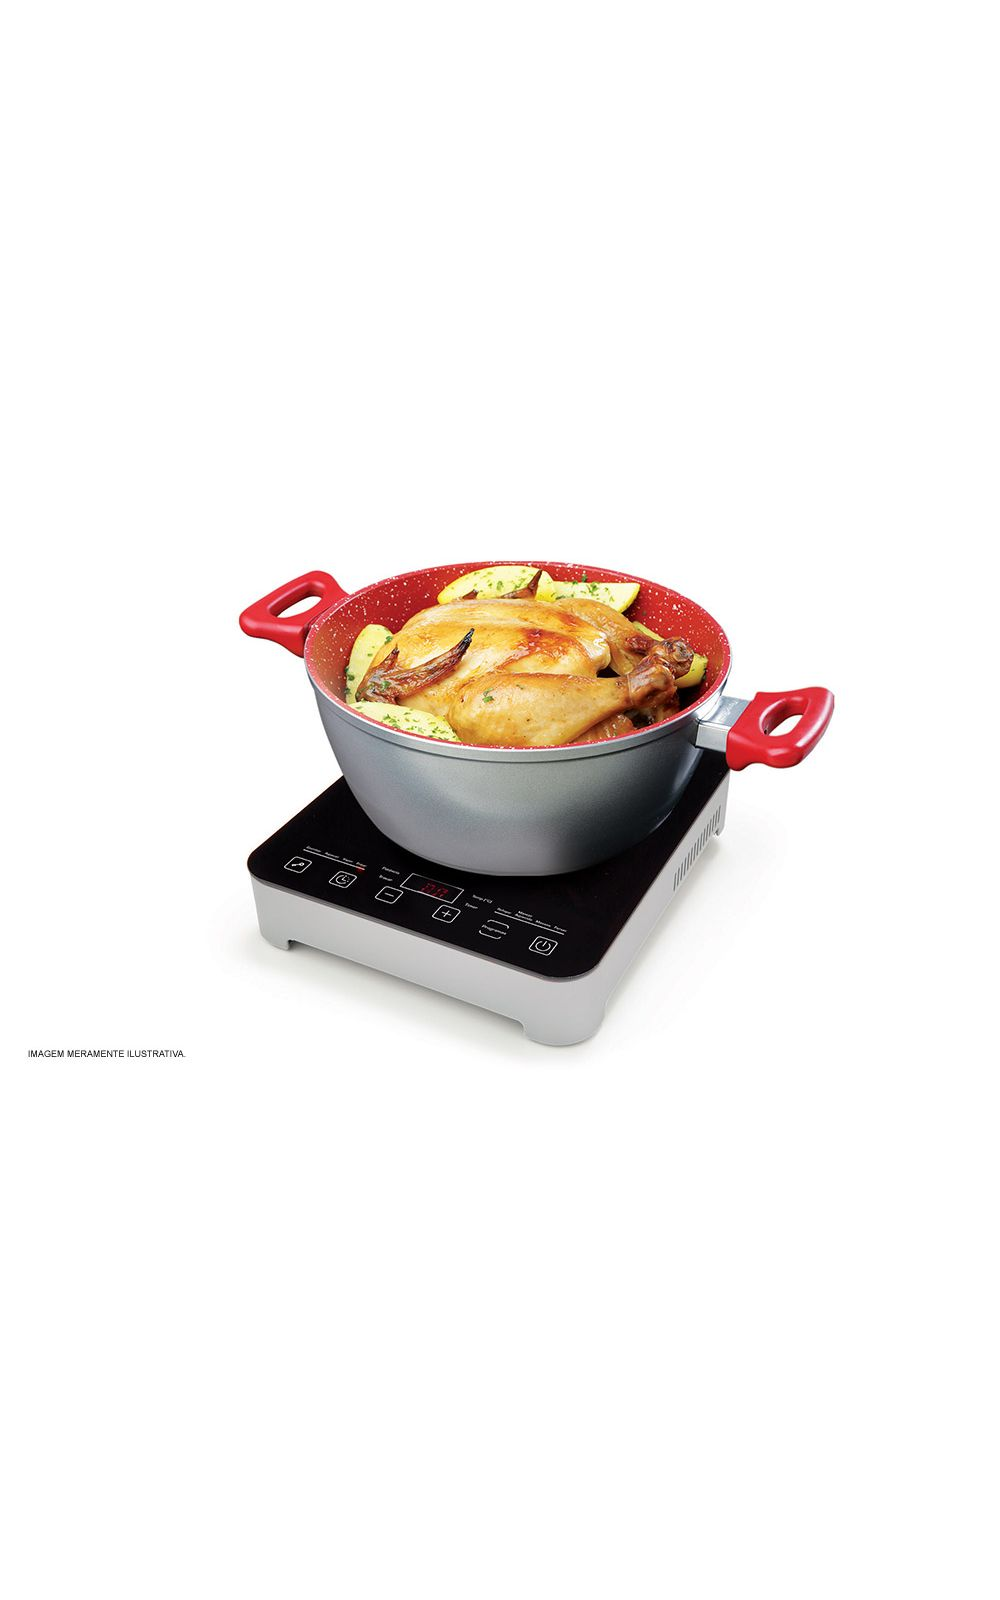 Foto 5 - Cooktop por Indução Gourmet Touch Polishop